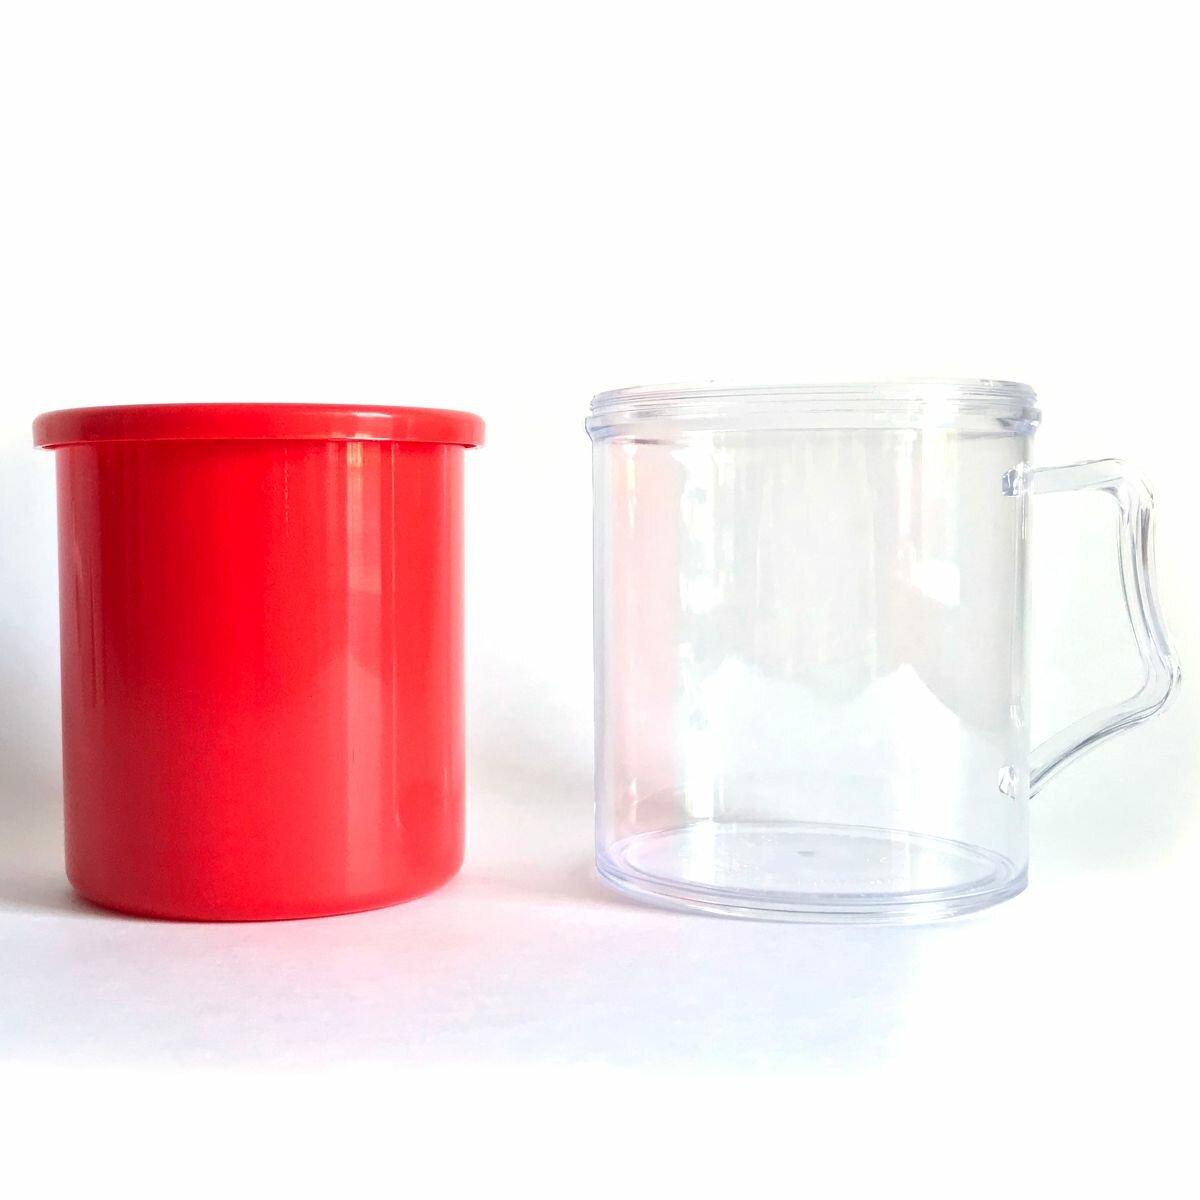 Заготовки пластиковых кружек под полиграфическую вставку АК2 (Красный, 40 шт.)